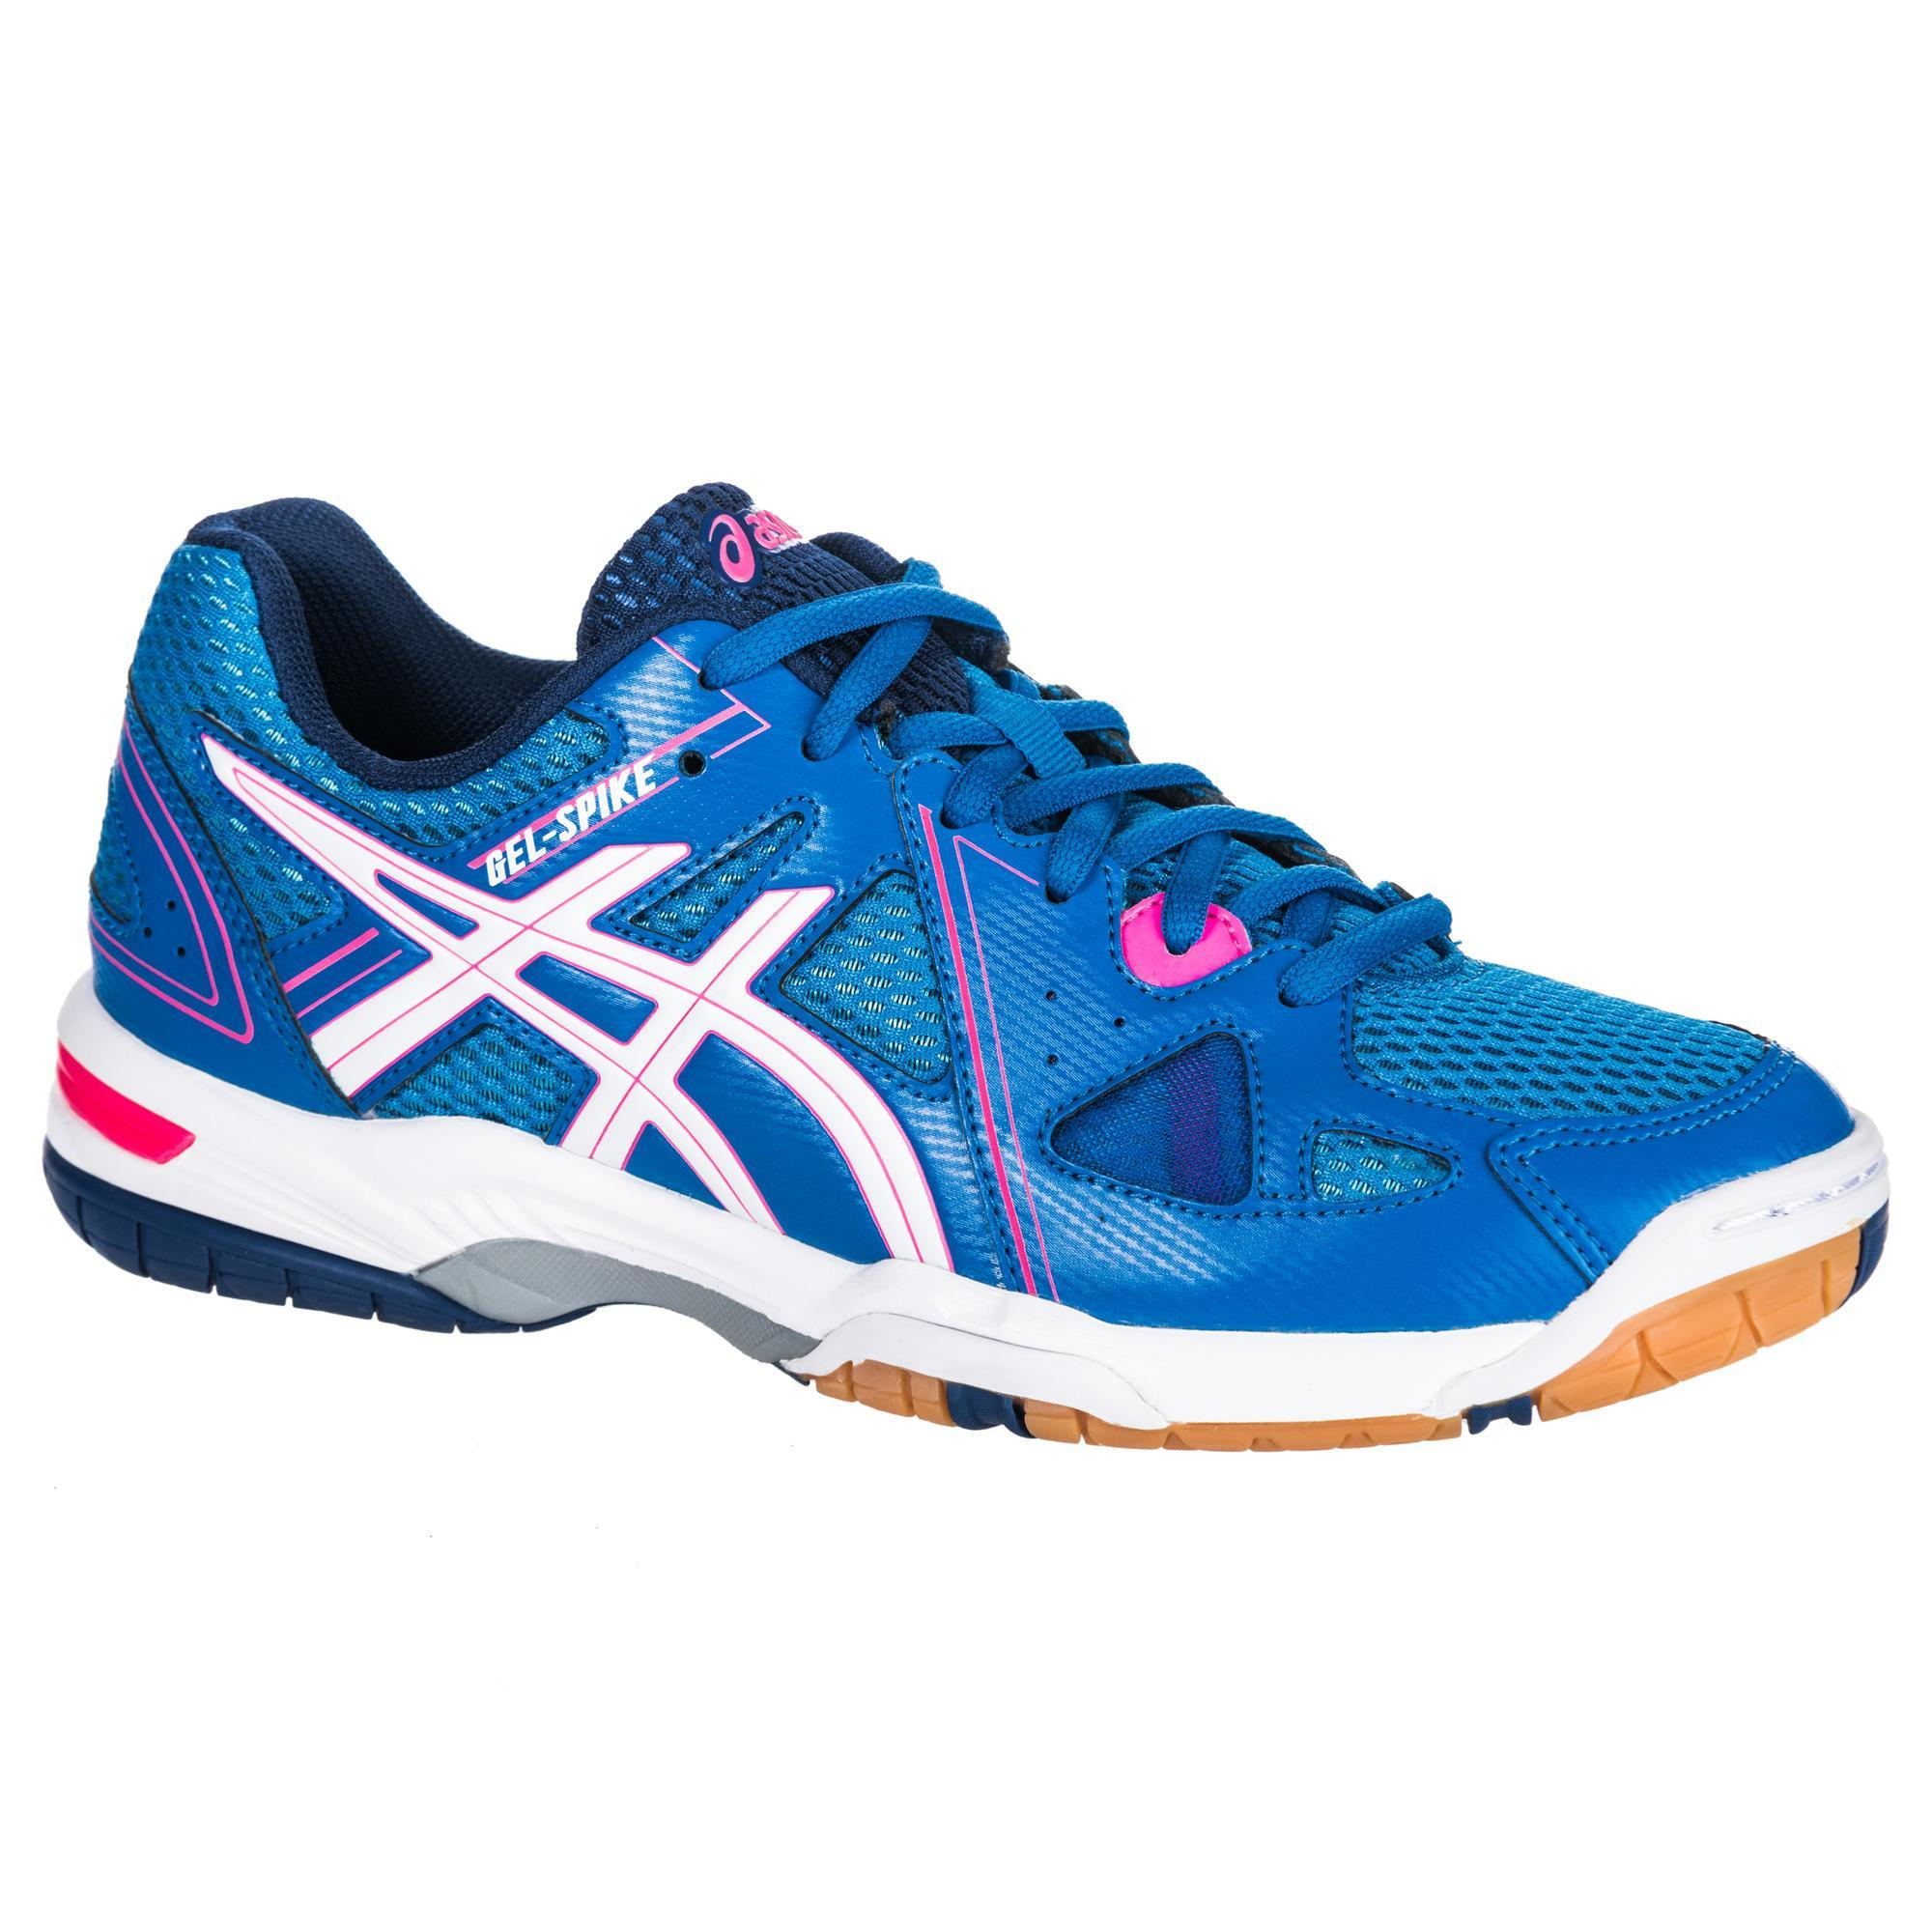 mizuno womens volleyball shoes size 8 xl juegos kan kano